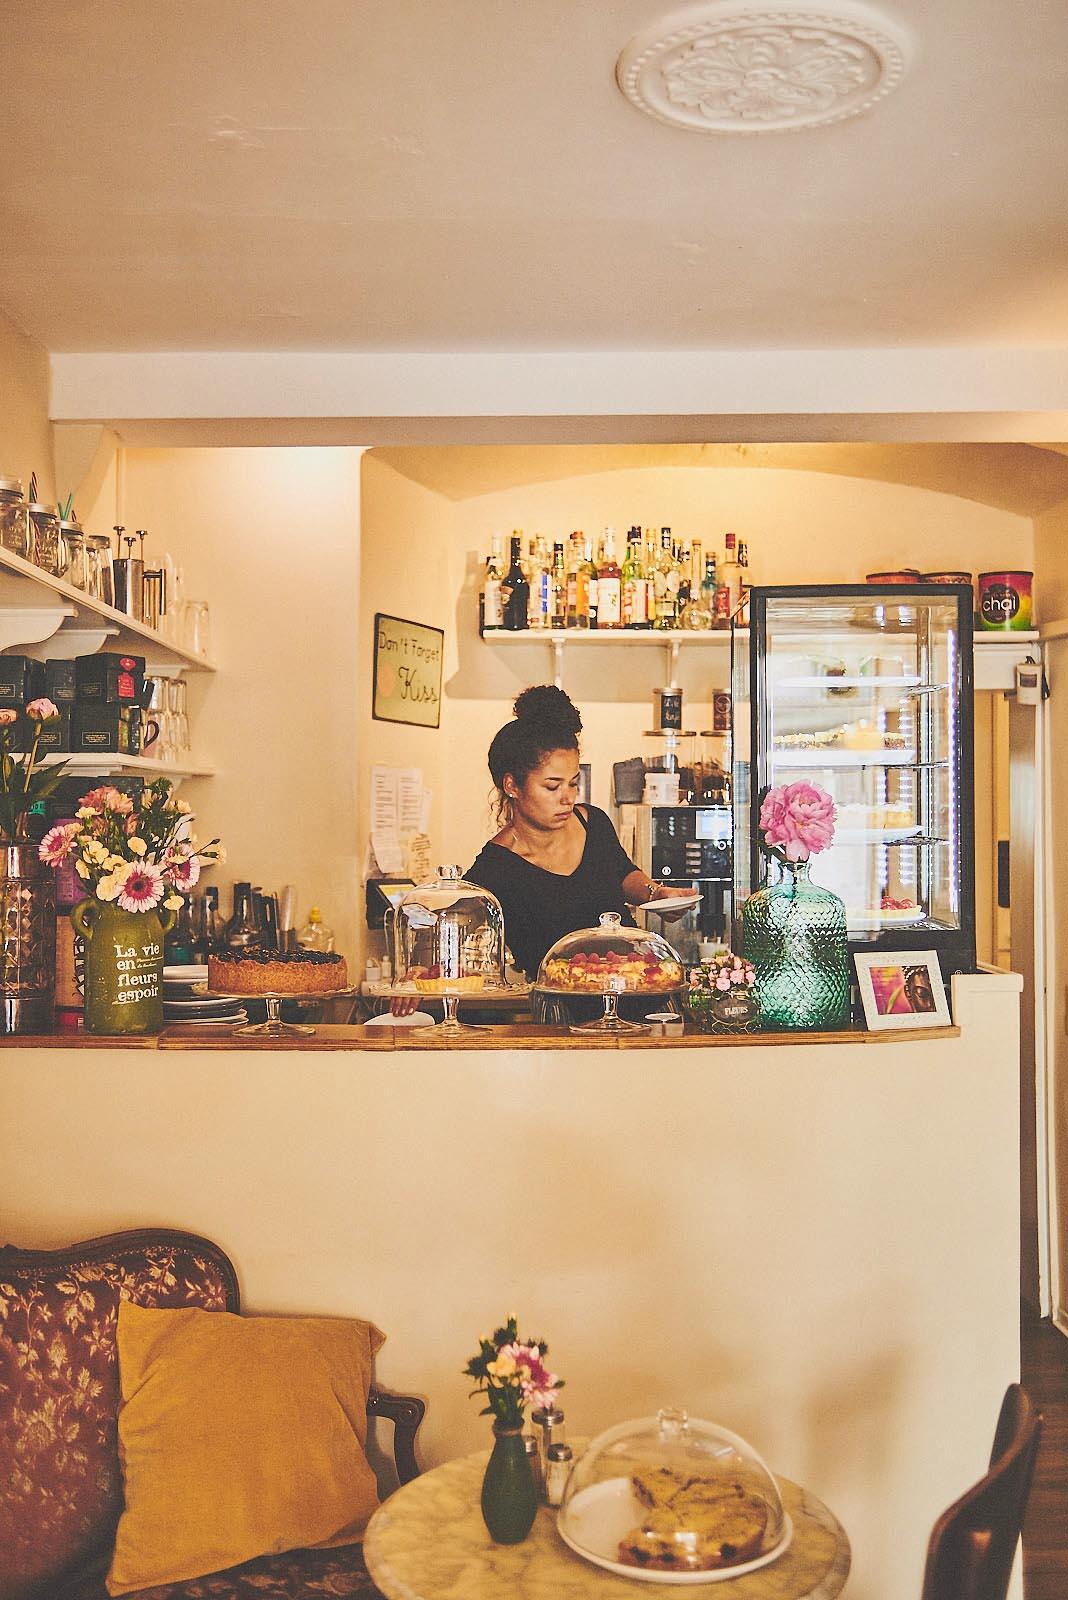 Theke im Cafe Pfefferminzje in Koblenz - Imageotografie von Anna Schneider neon fotografie